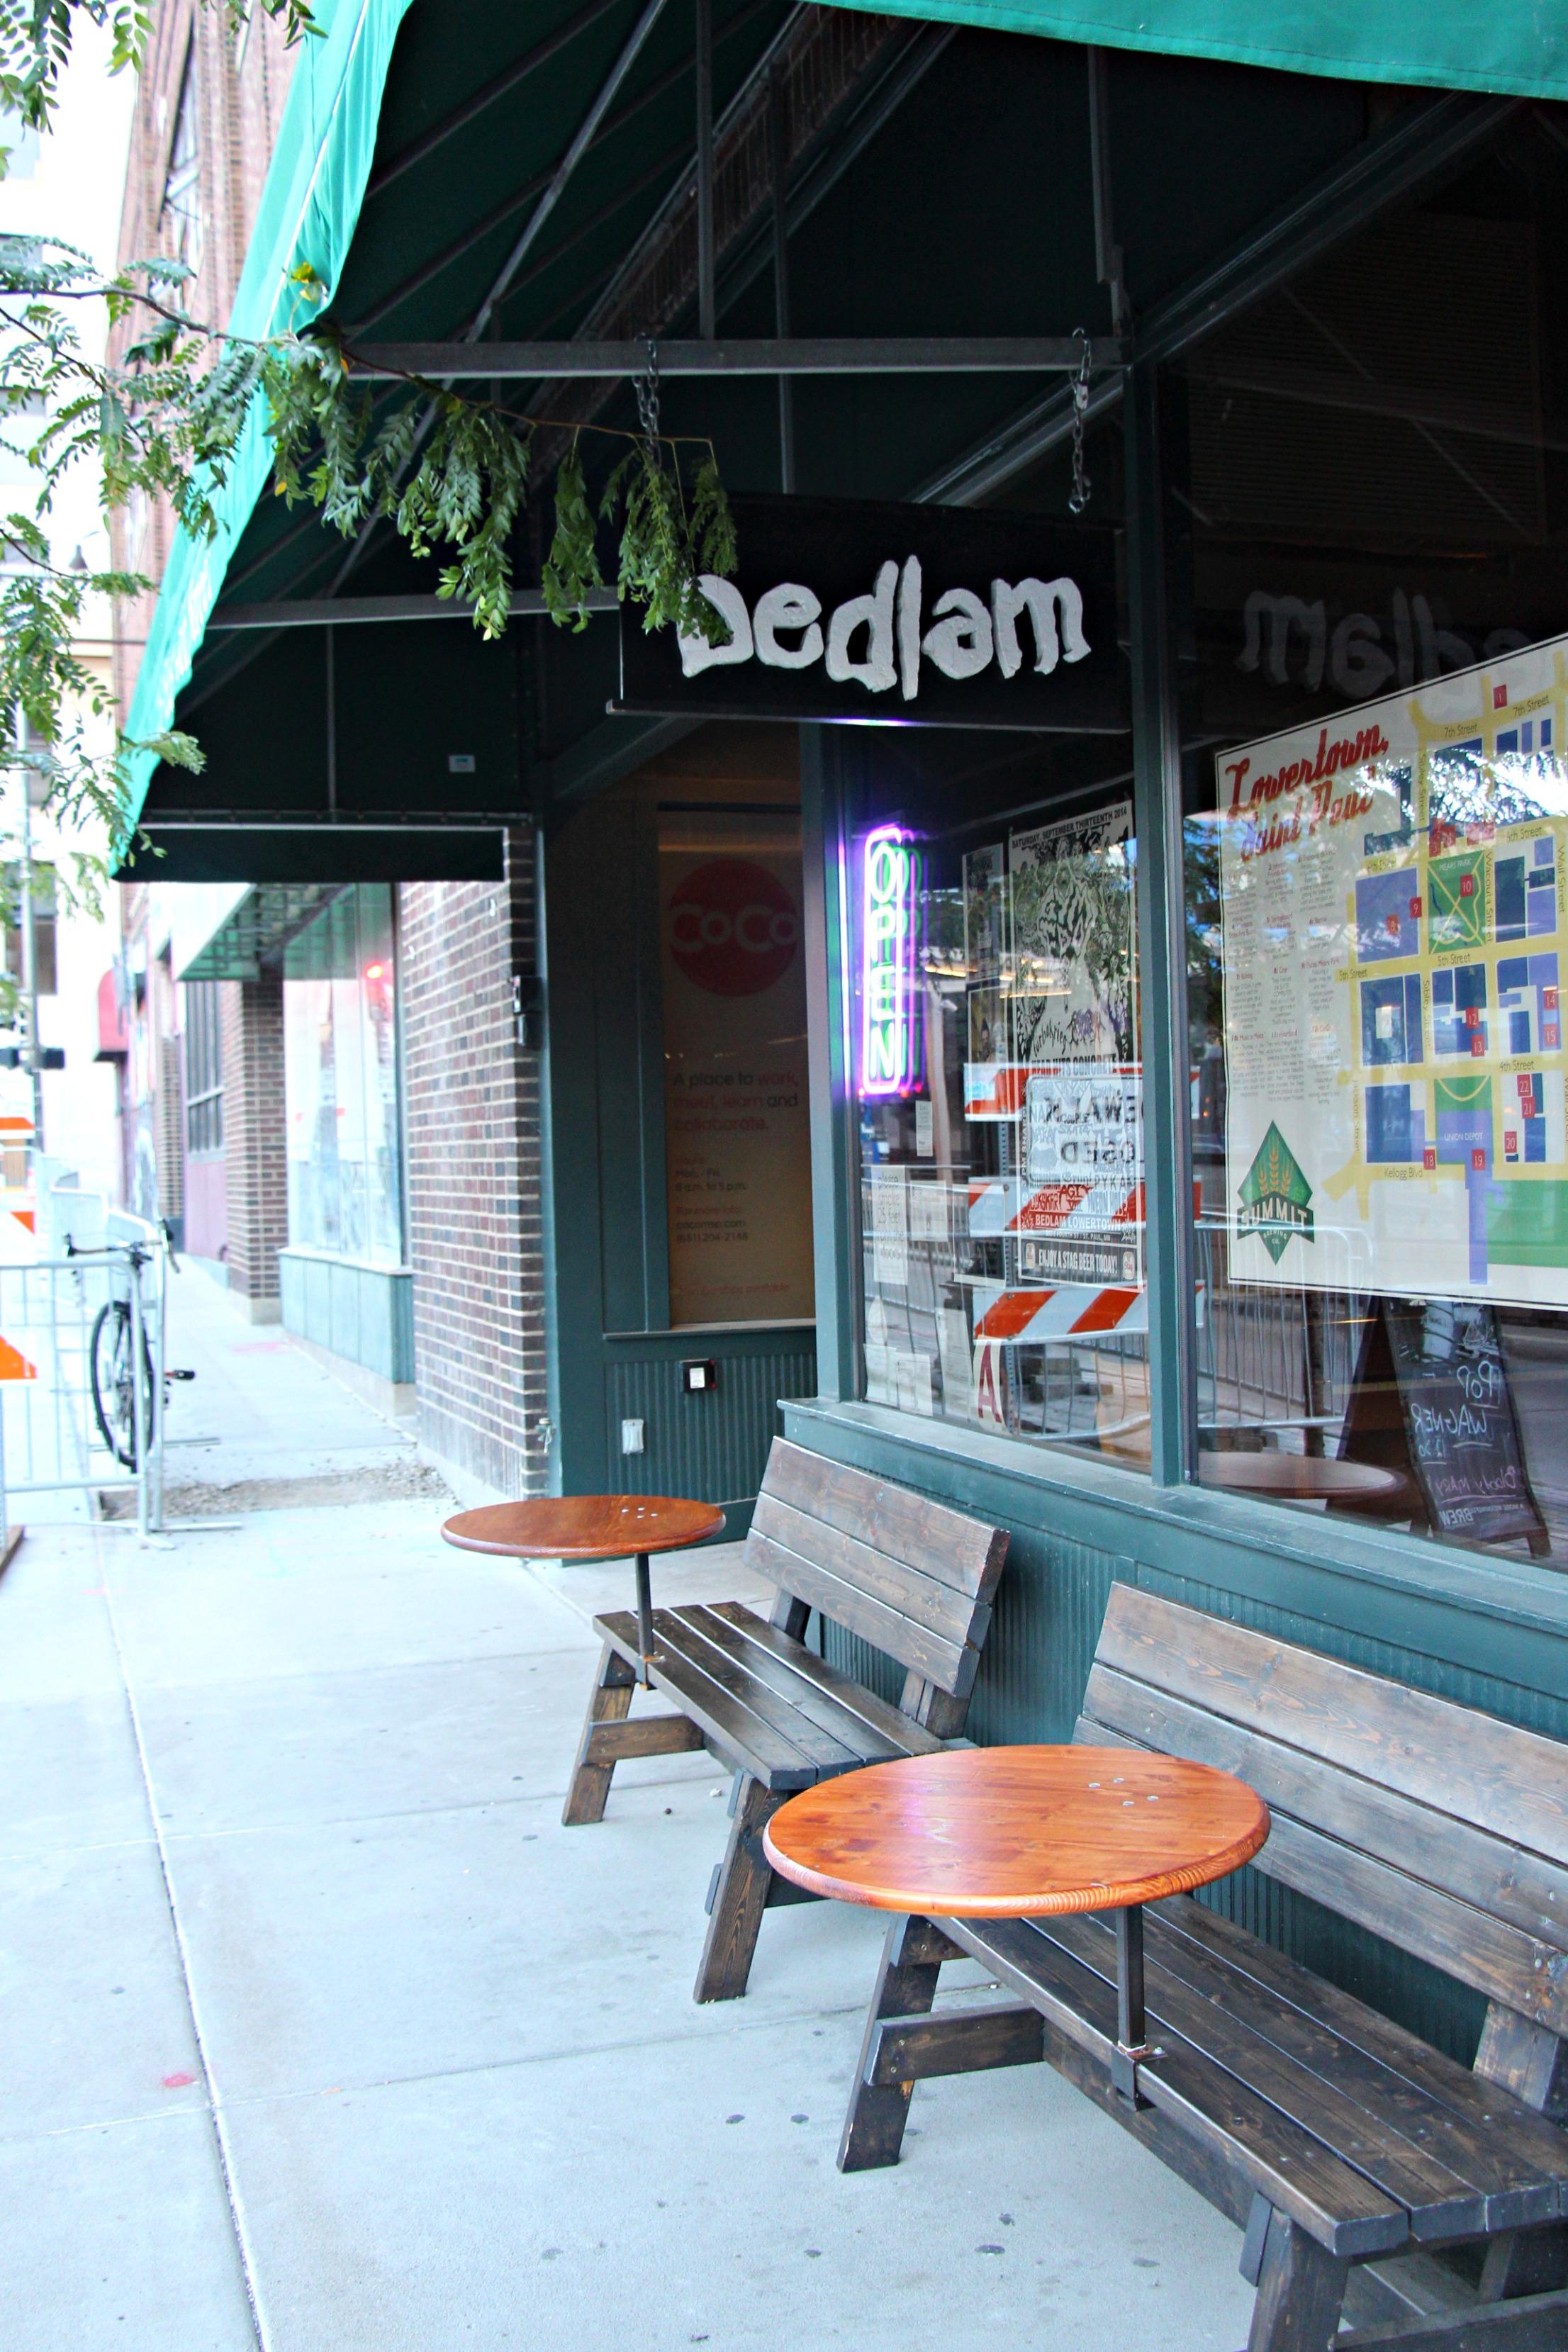 Bedlam Theatre - St. Paul